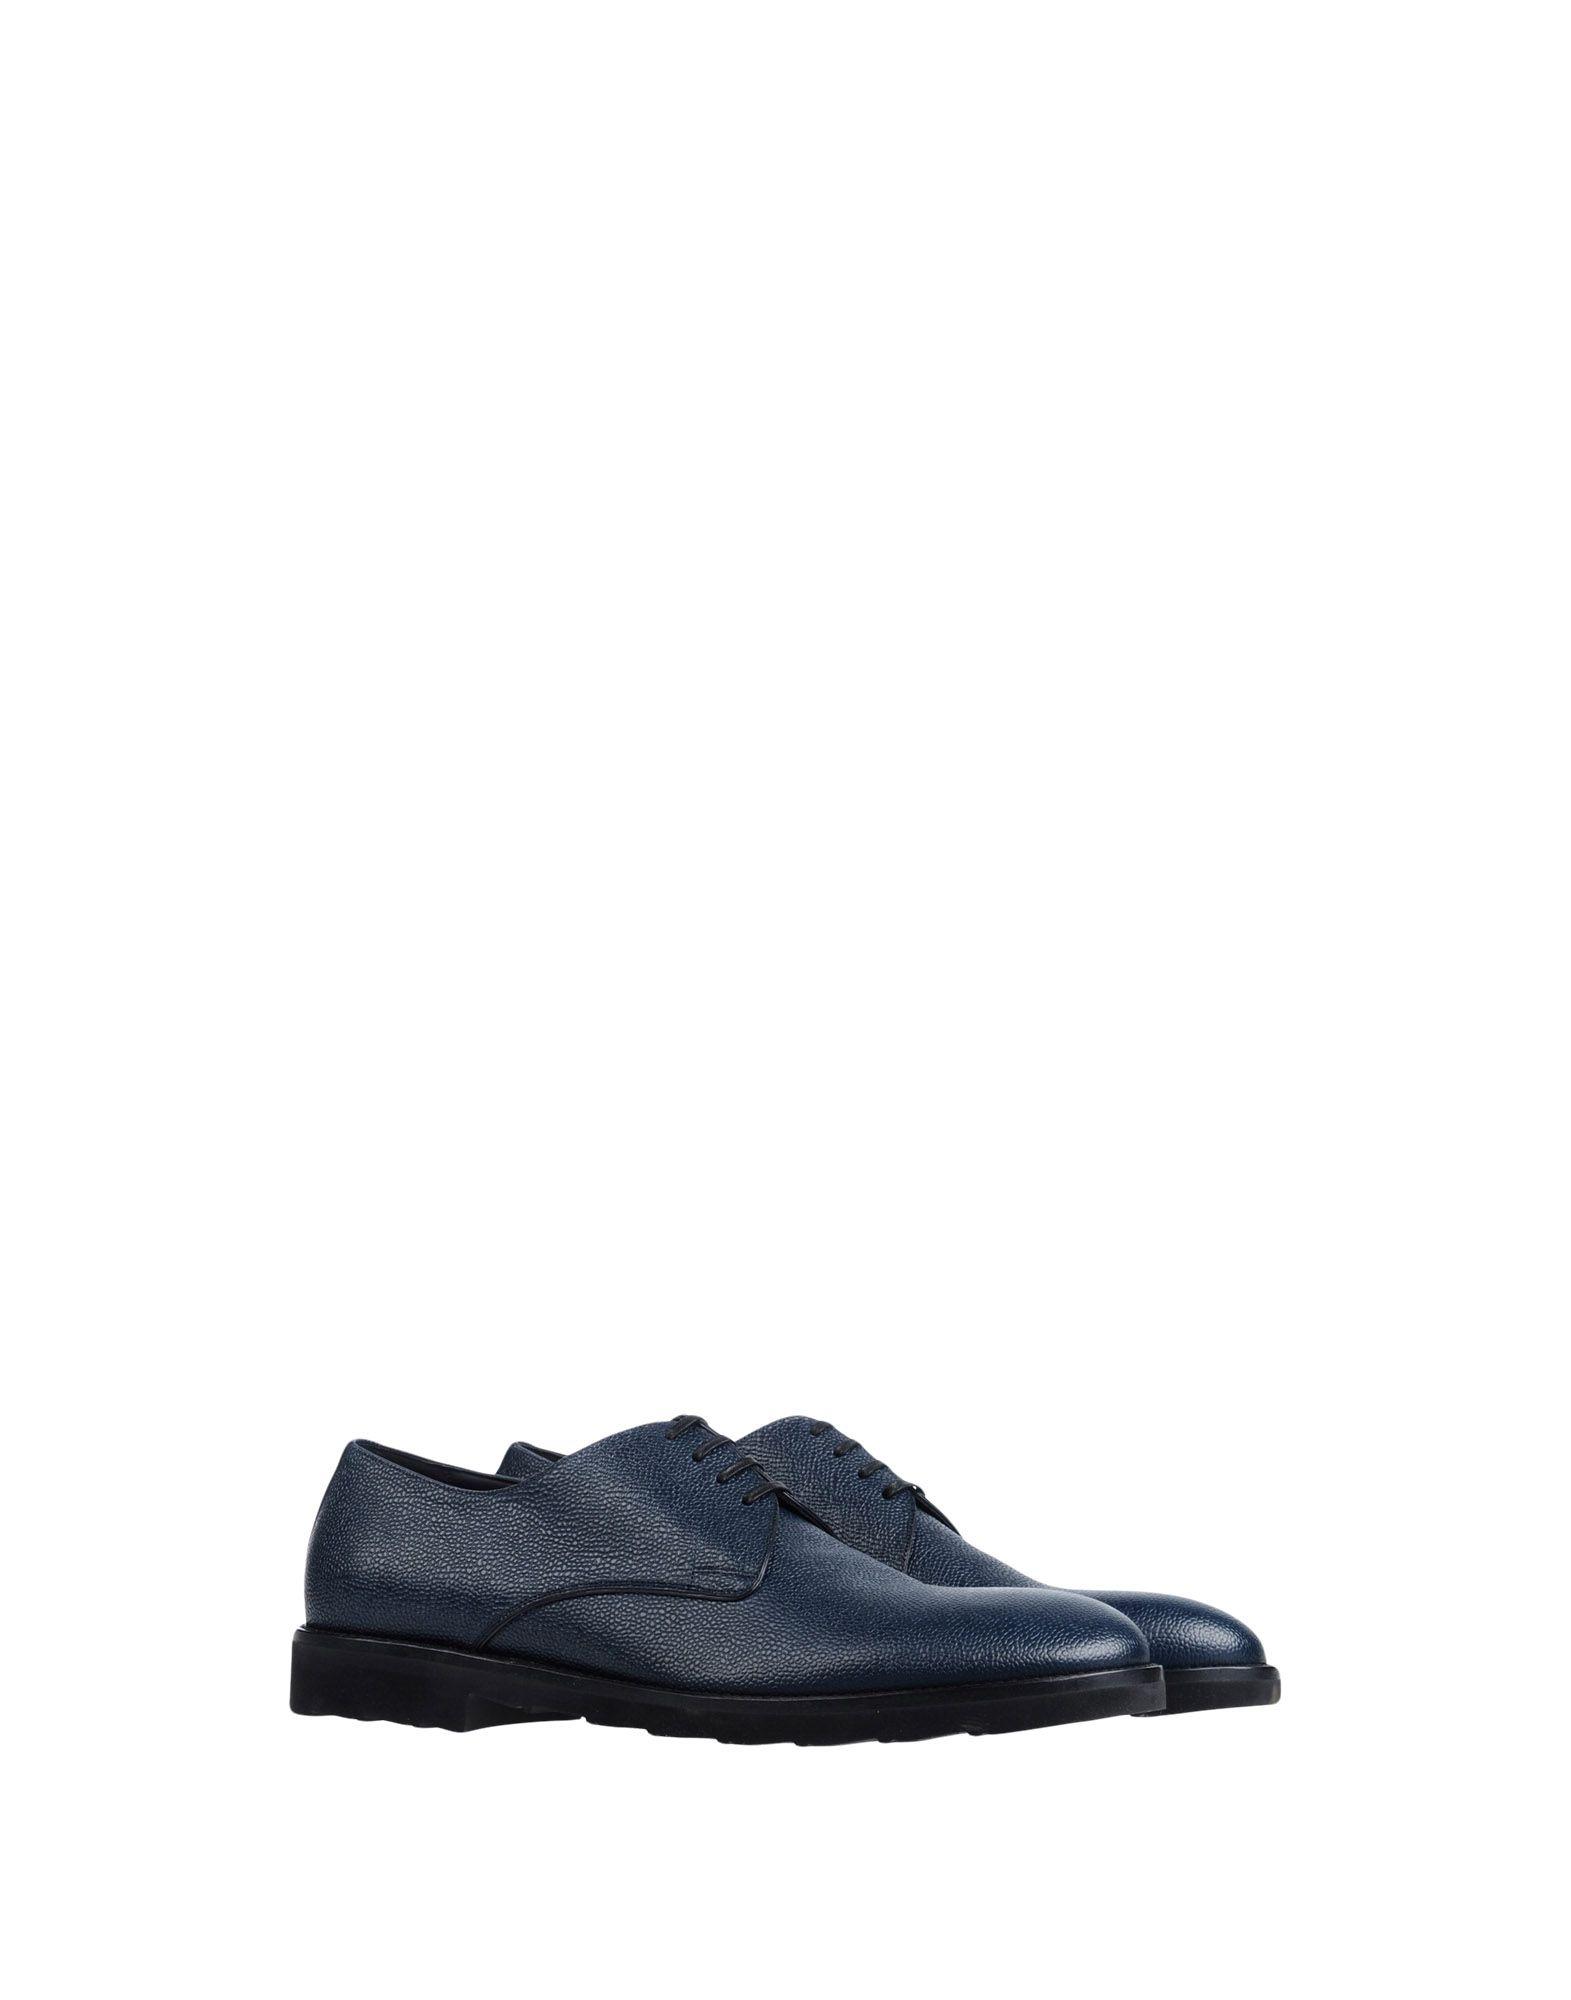 Dolce & Gabbana Schnürschuhe Herren  11239003XH Gute Qualität beliebte Schuhe